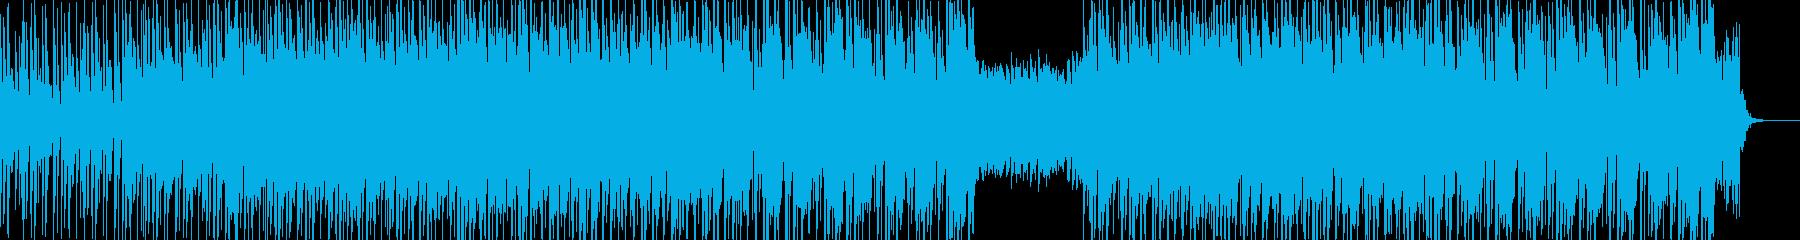 楽しげなリズムの和太鼓と尺八の和風曲の再生済みの波形